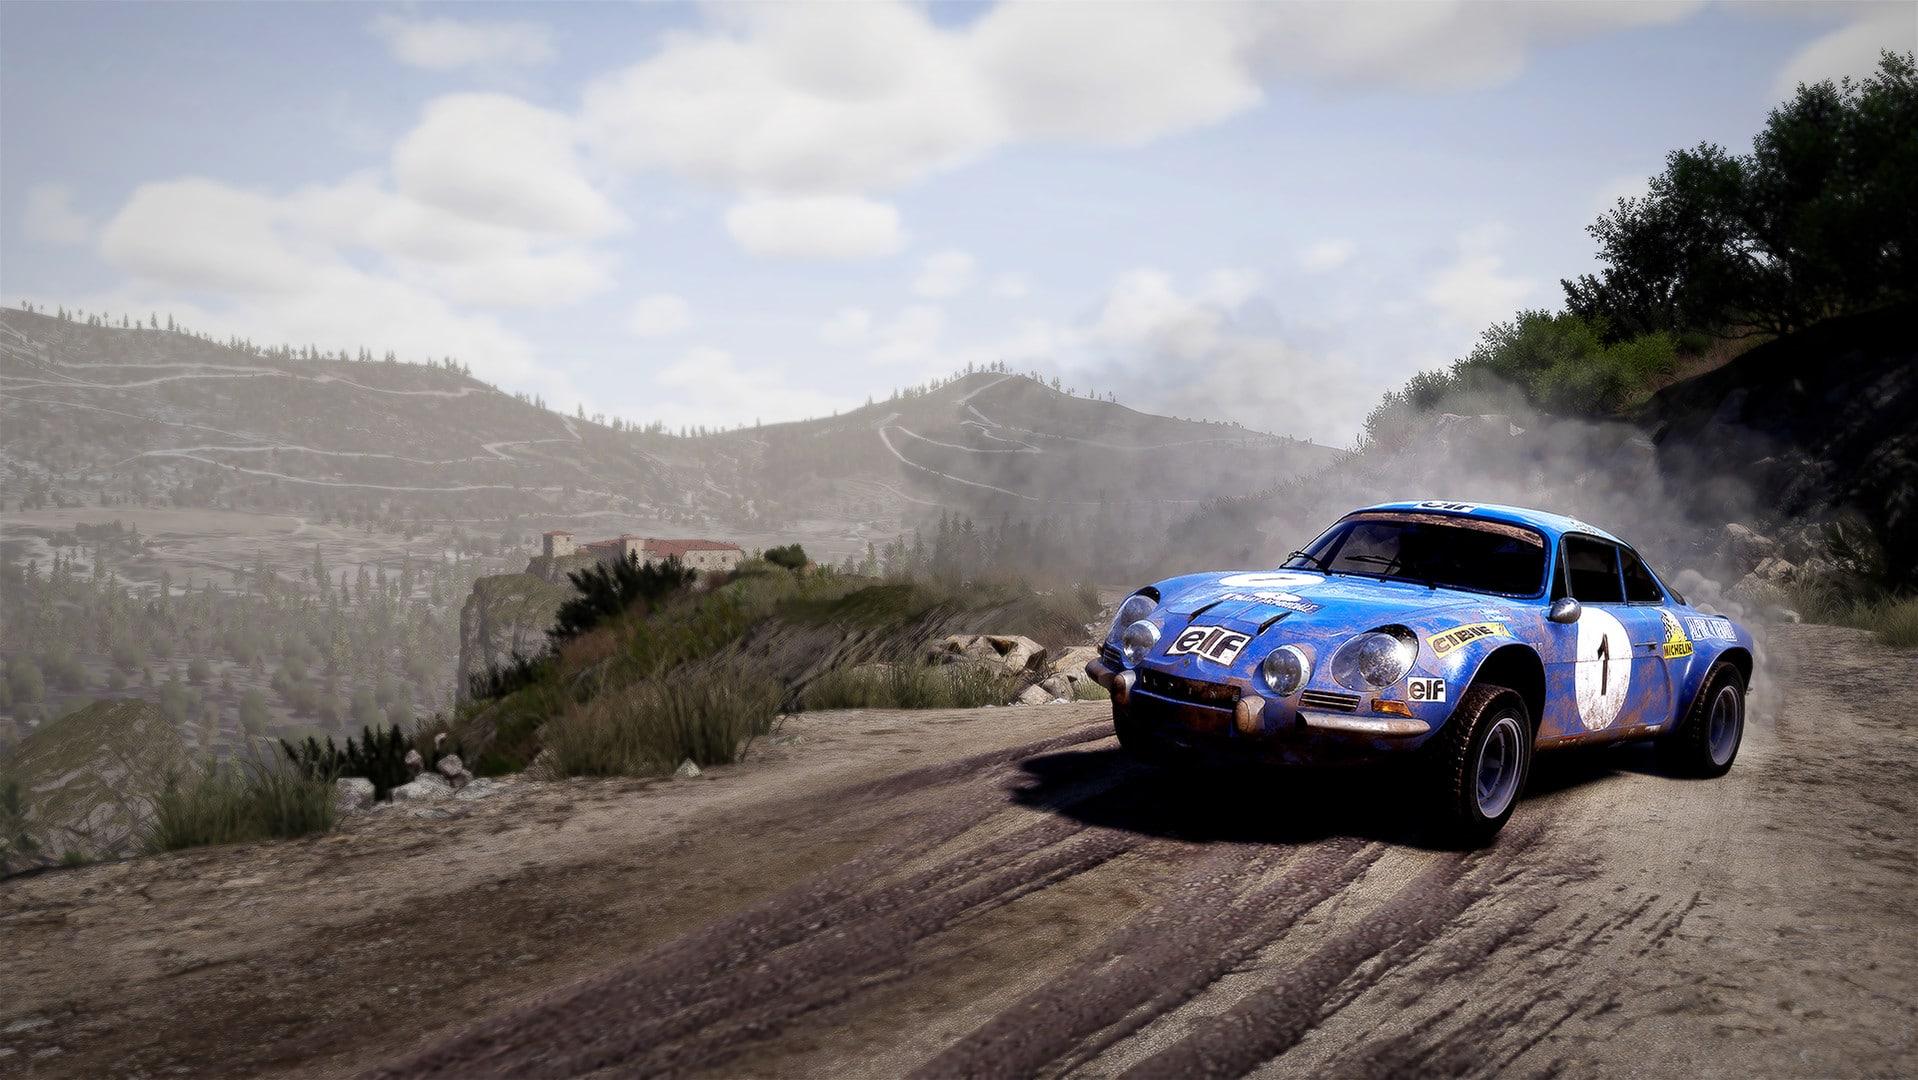 La nostra recensione di WRC 10: non quel passo avanti che credevamo thumbnail